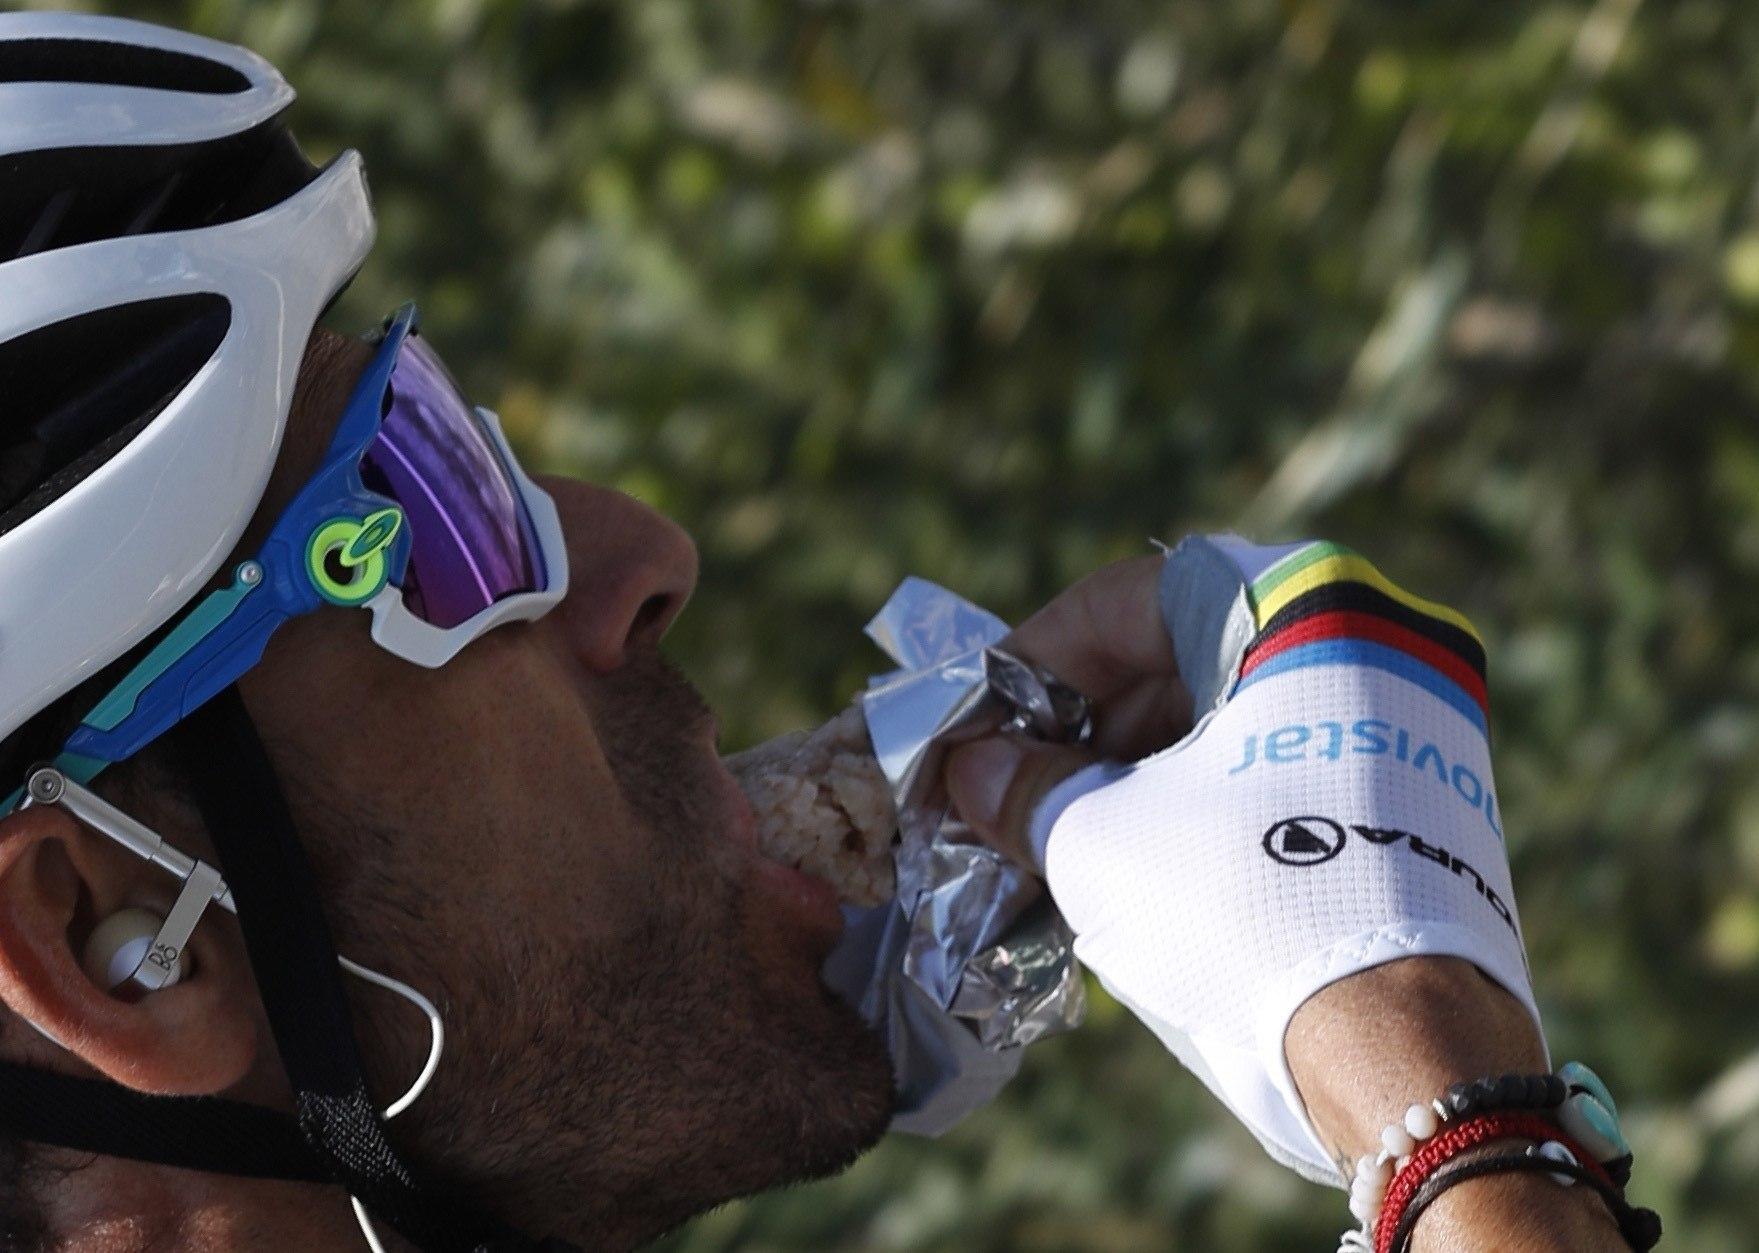 GRAF747. BENIDORM (ALICANTE), 25/08/2019.- El ciclista español del equipo Movistar, Alejandro Valverde, con el mailot de Campeón del Mundo, en el pelotón, durante la segunda etapa de la <HIT>Vuelta</HIT> a España 2019, etapa con salida en Benidorm y meta en Calpe, con un recorrido de 199.6 kilómetros.- EFE/Javier Lizón